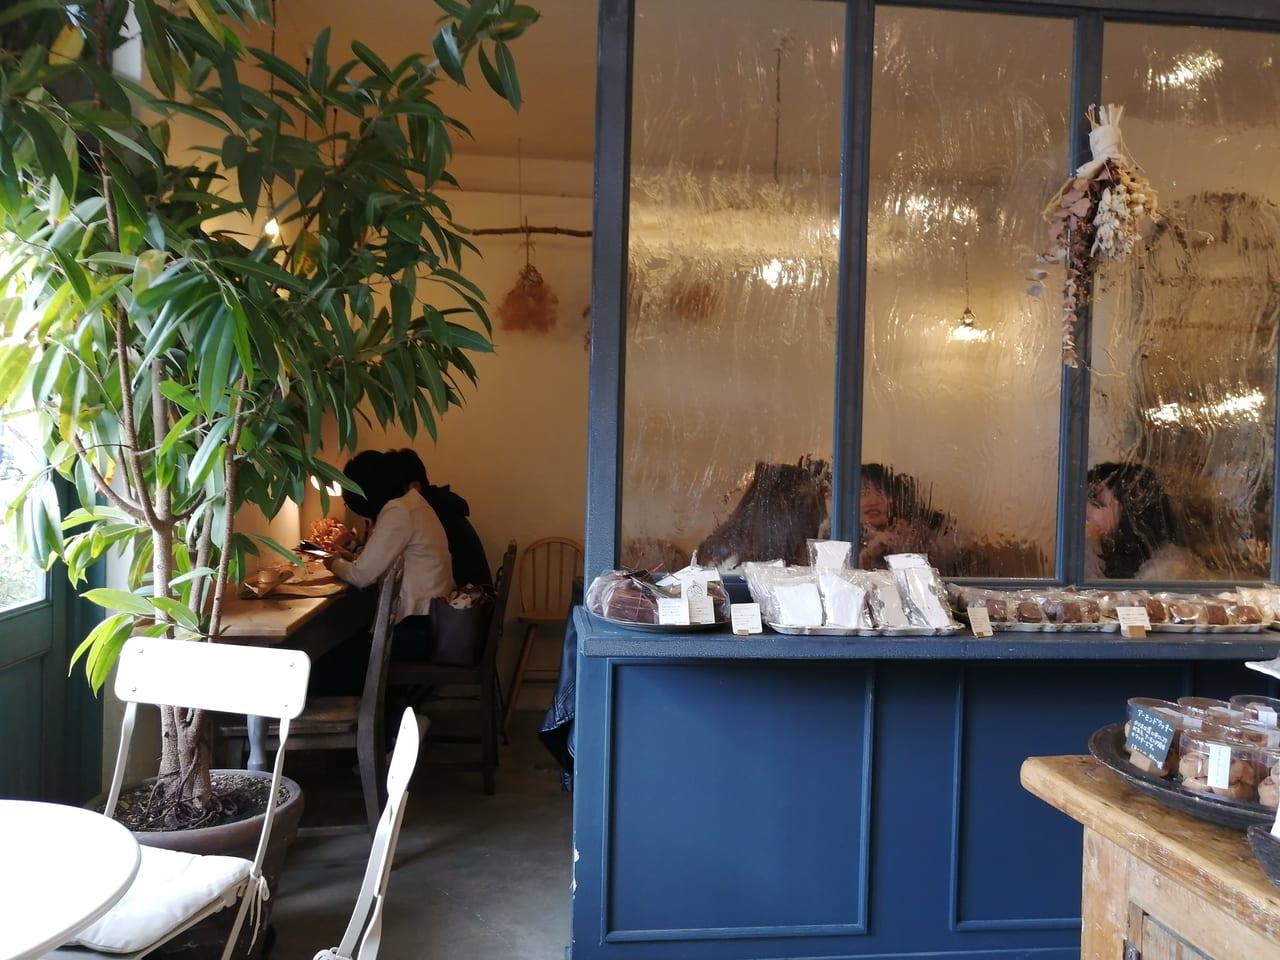 ボンボニエールカフェ